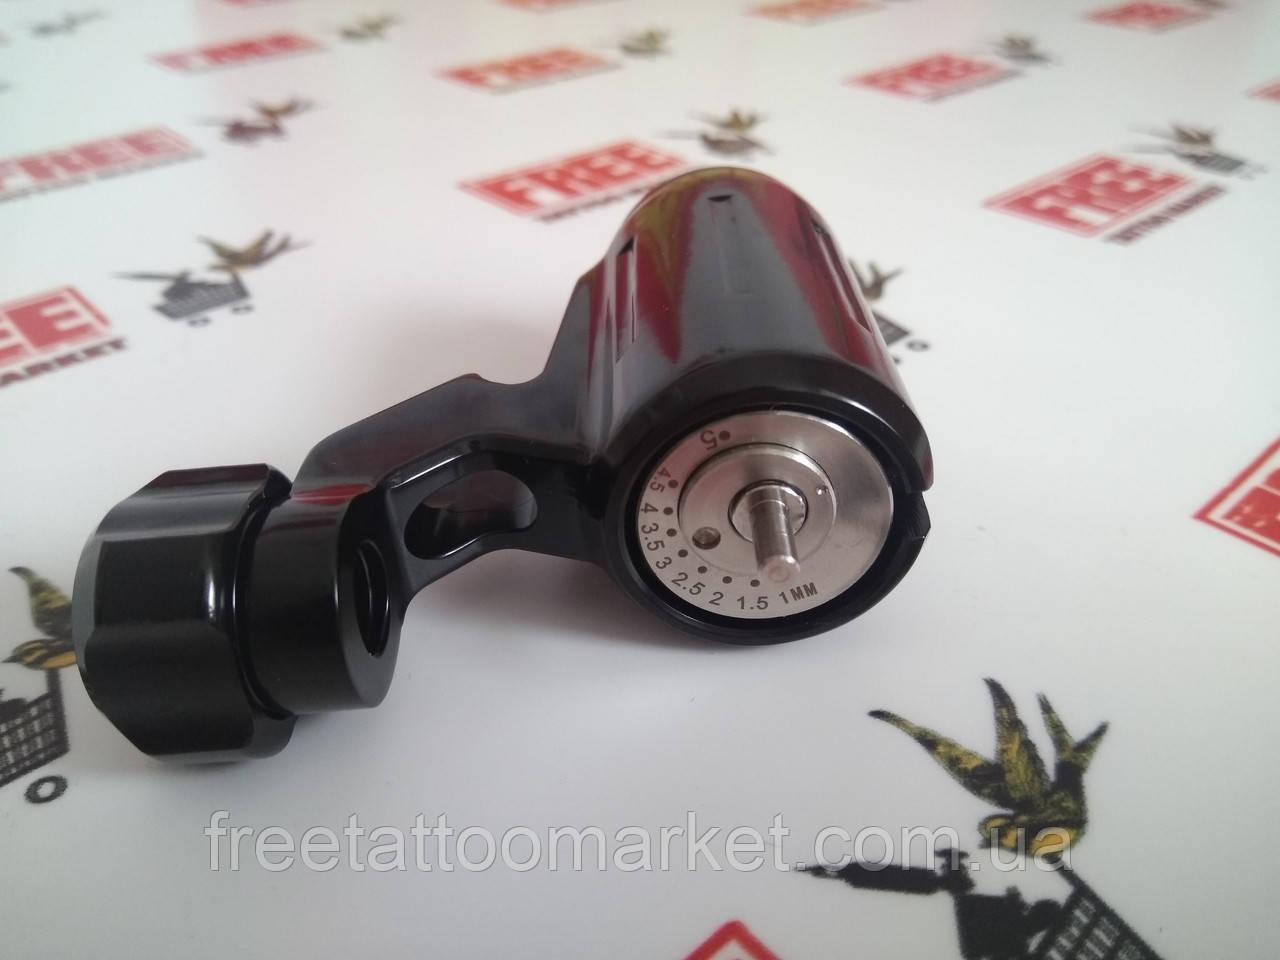 Тату машинка ротор поворотник (черный)